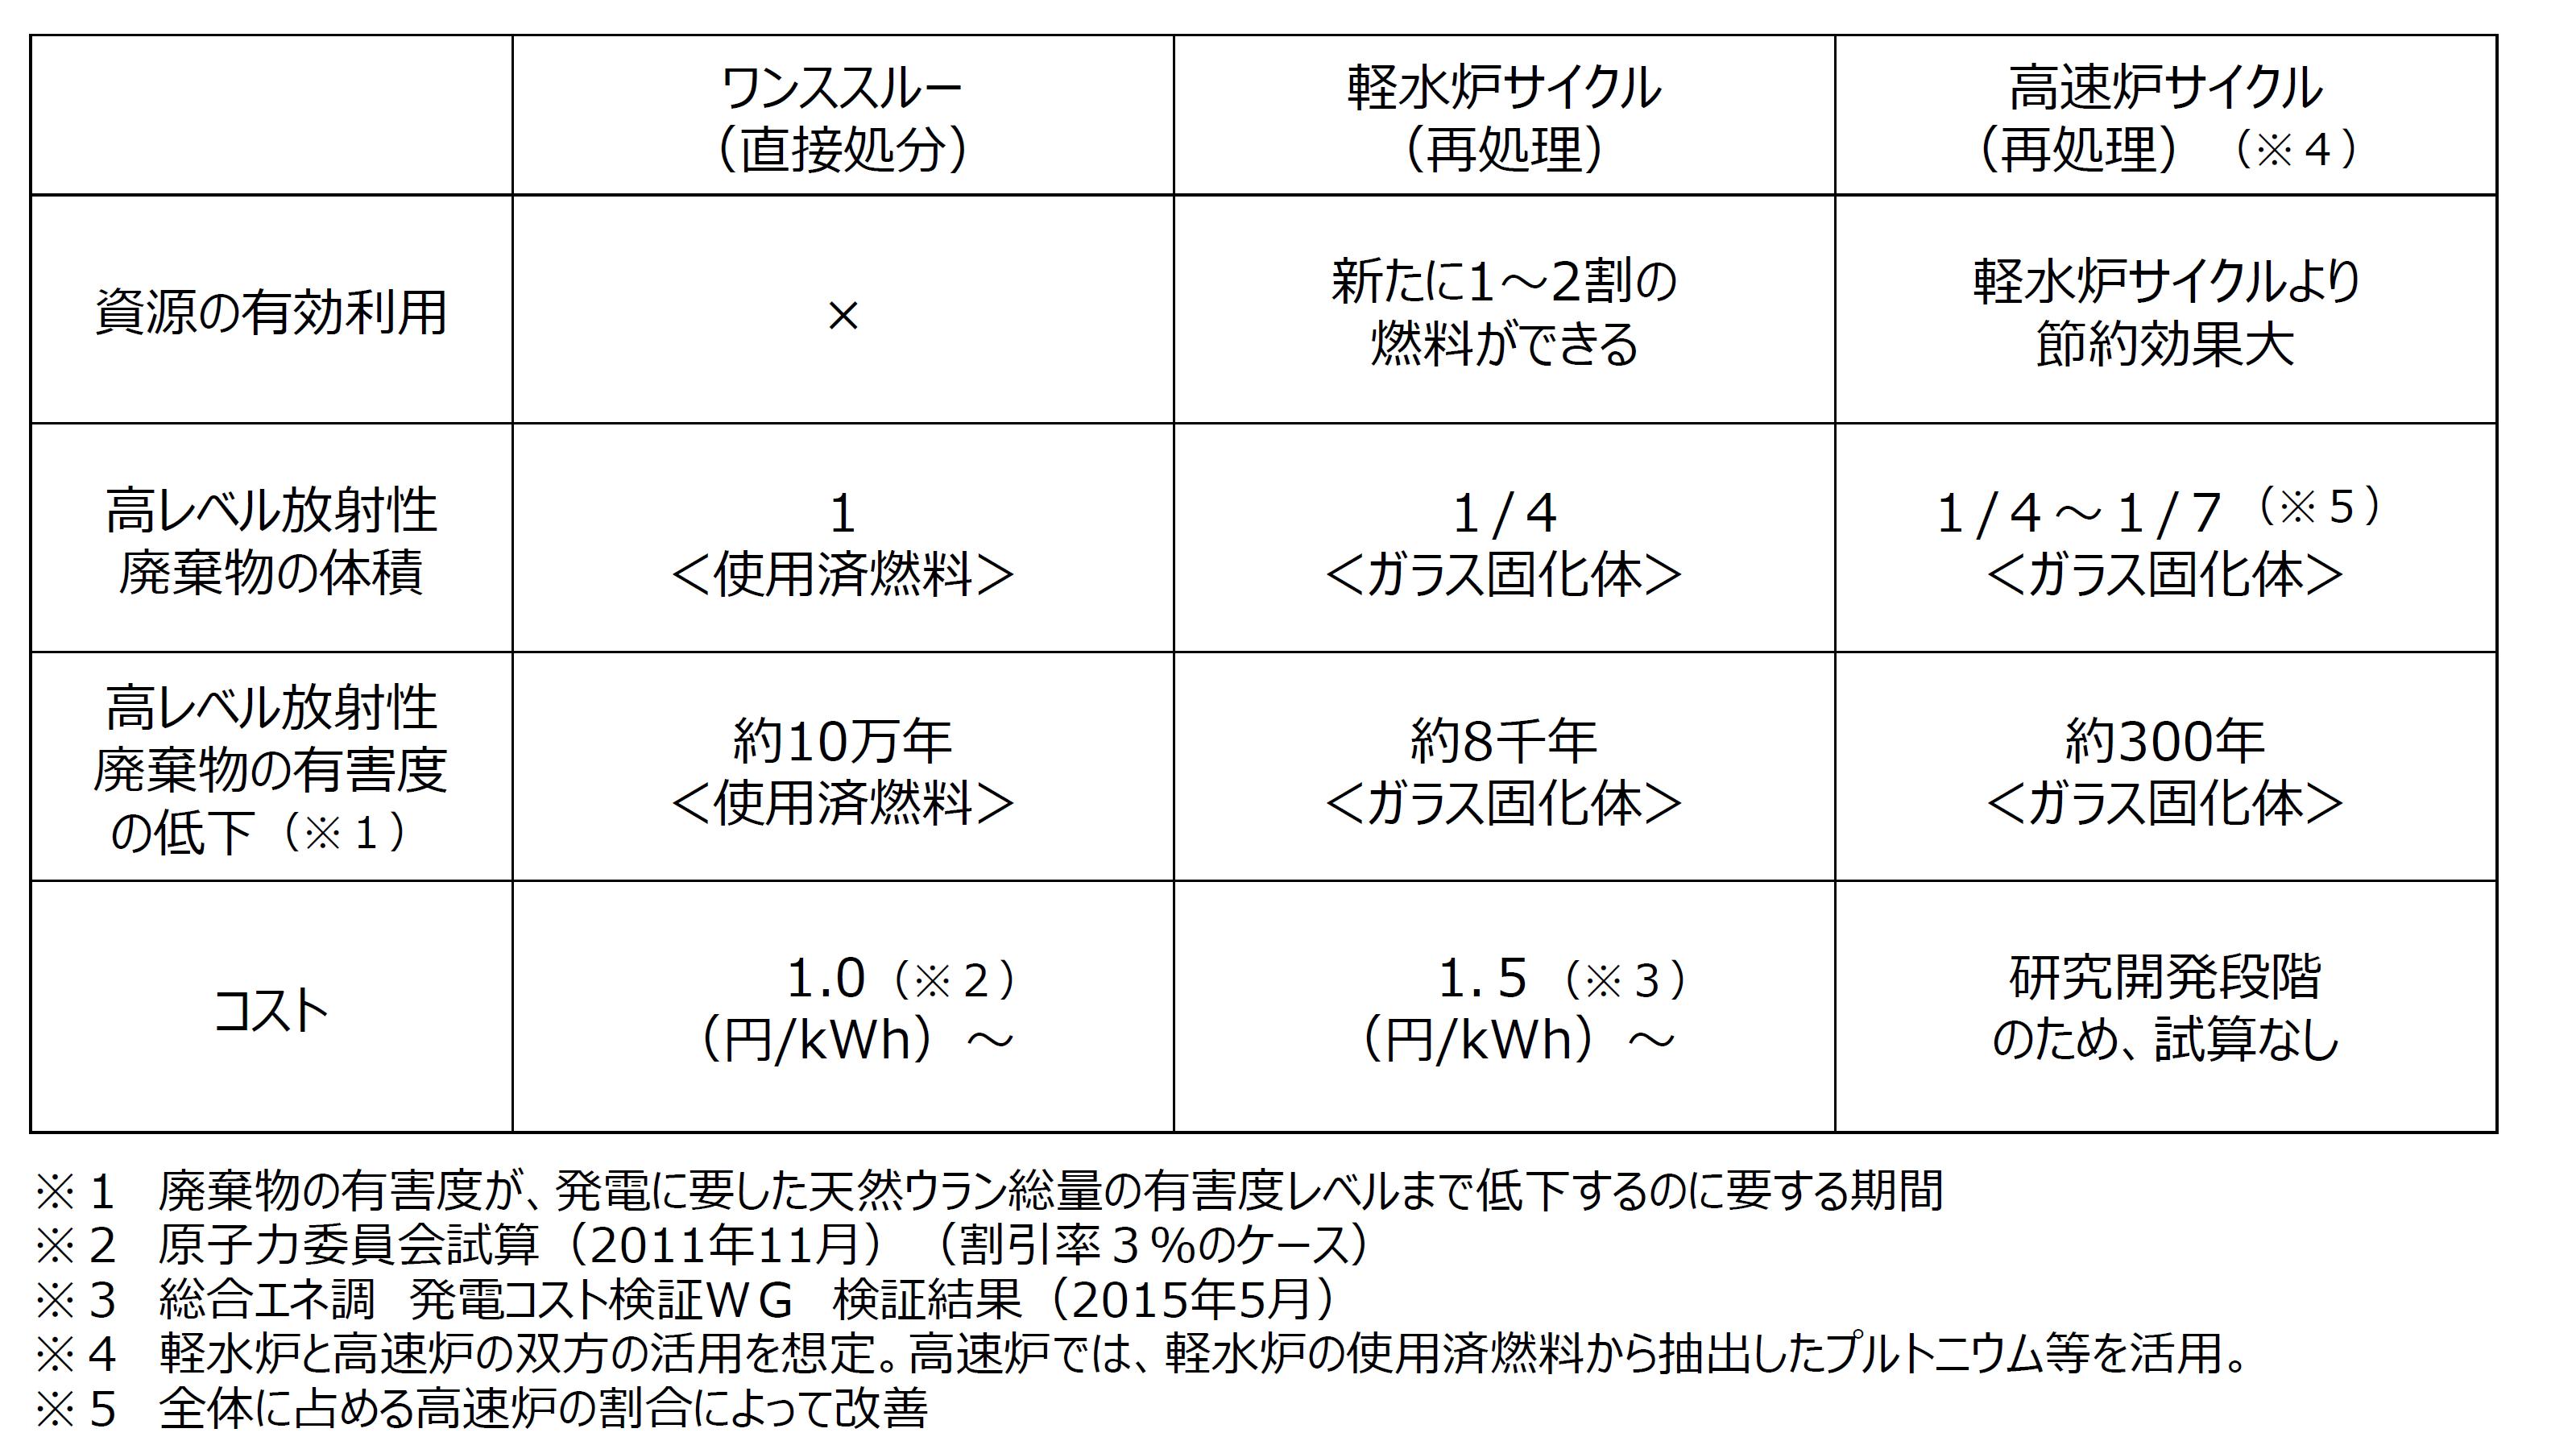 直接処分、軽水炉サイクル、高速炉サイクルにおける資源の有効利用や高レベル放射性廃棄物の体積の低減などを比較した表です。